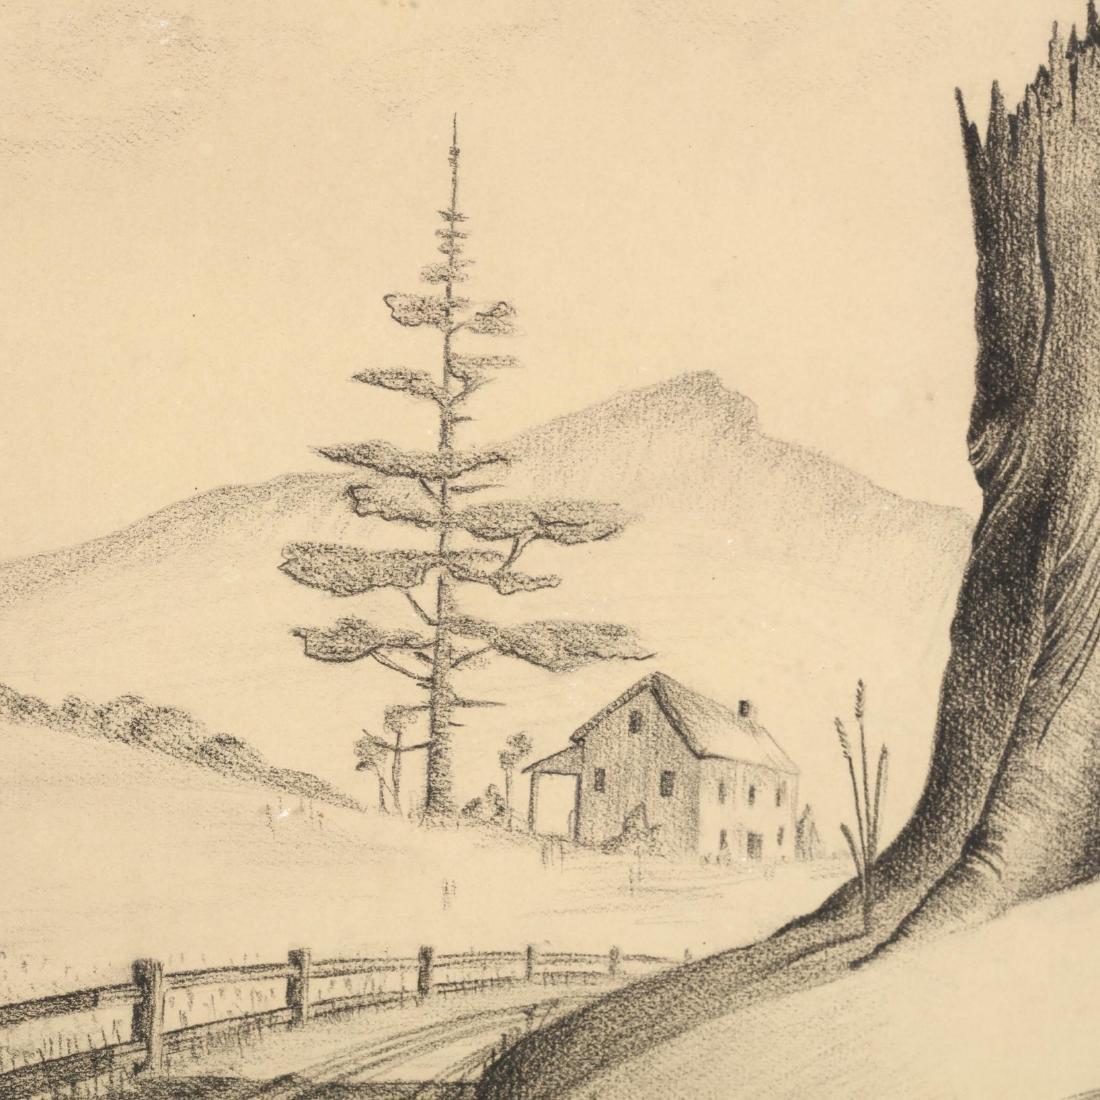 A Vintage American Scene Sketch by John McIntyre - 2